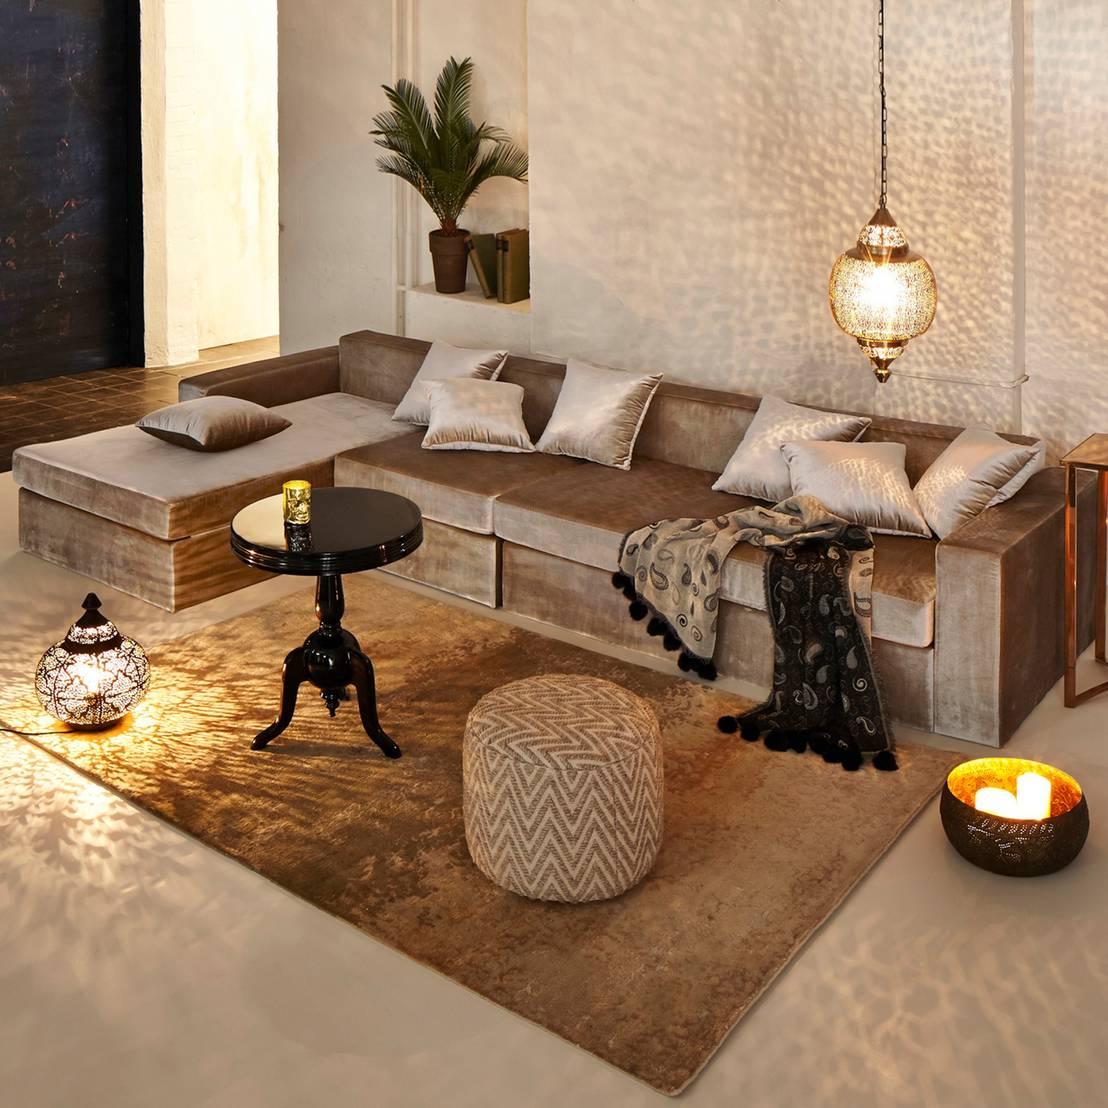 die perfekte wohnzimmer deko zum wohlf hlen. Black Bedroom Furniture Sets. Home Design Ideas